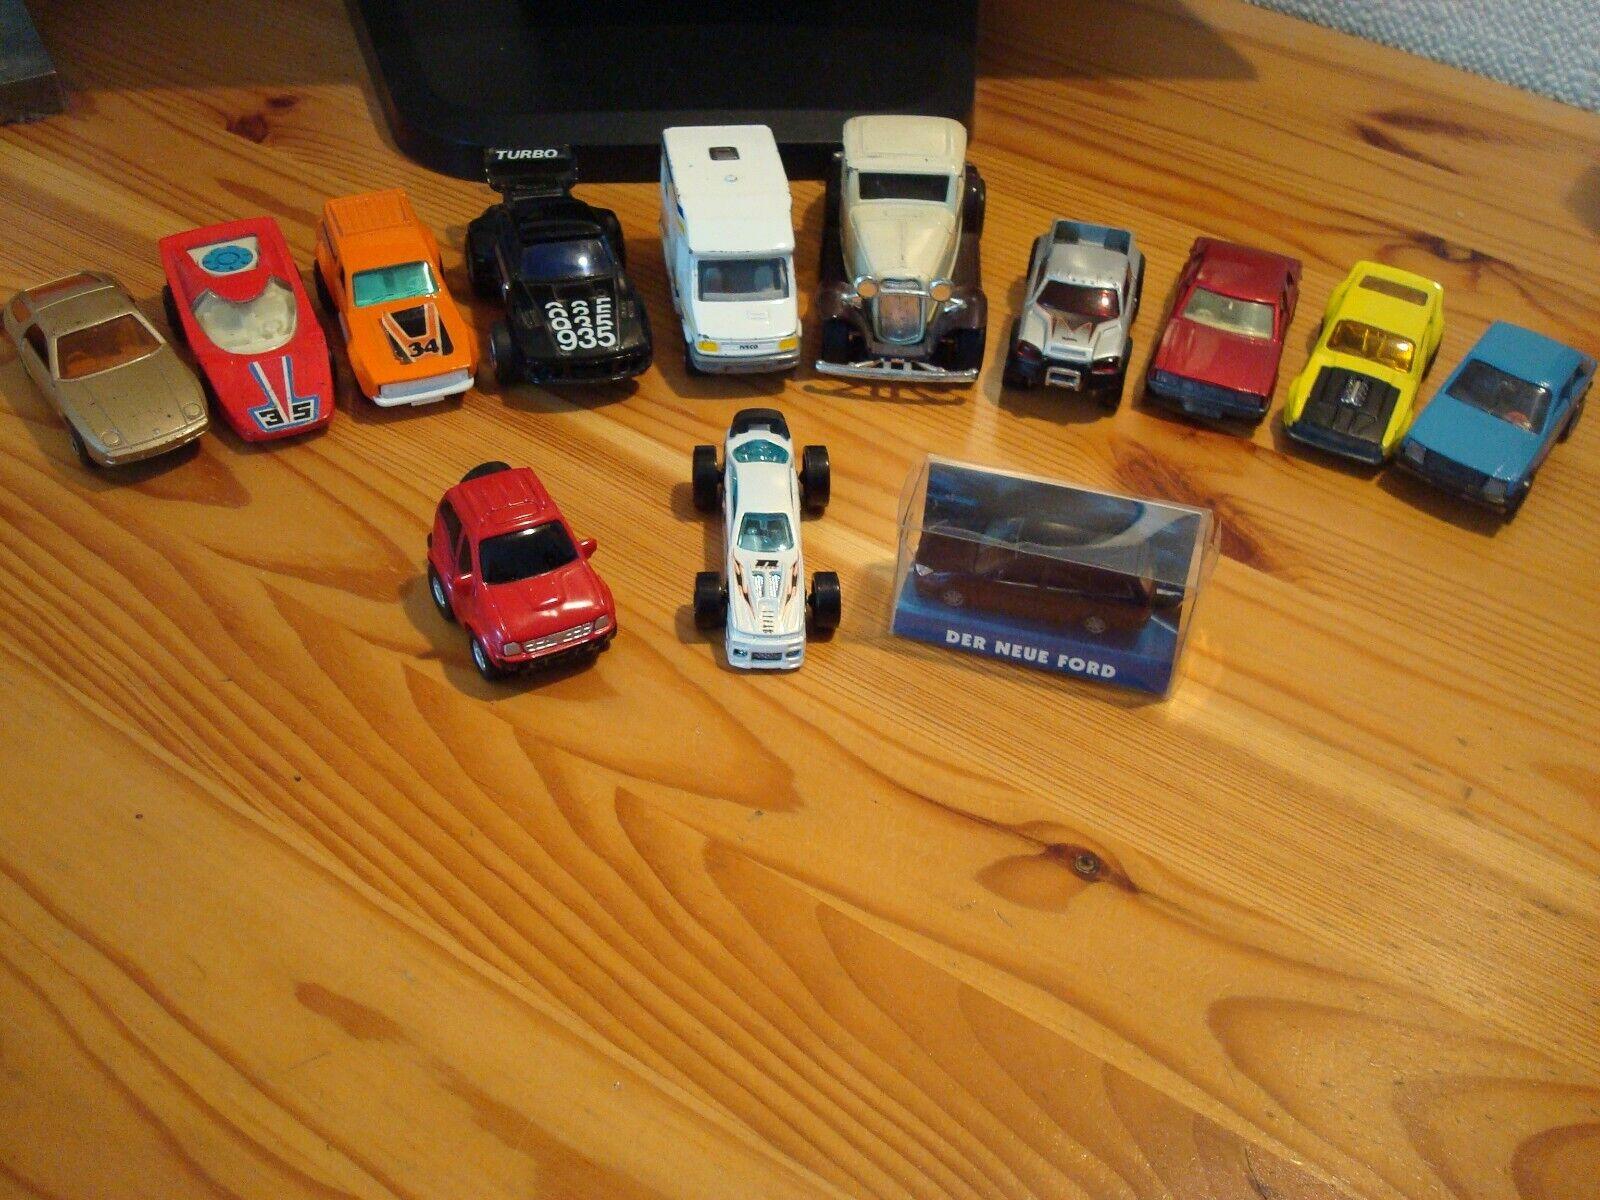 6neue Modelle ,7gebrauchte 32 Ford Coupe , Slider , Camping und Sportfahrzeuge